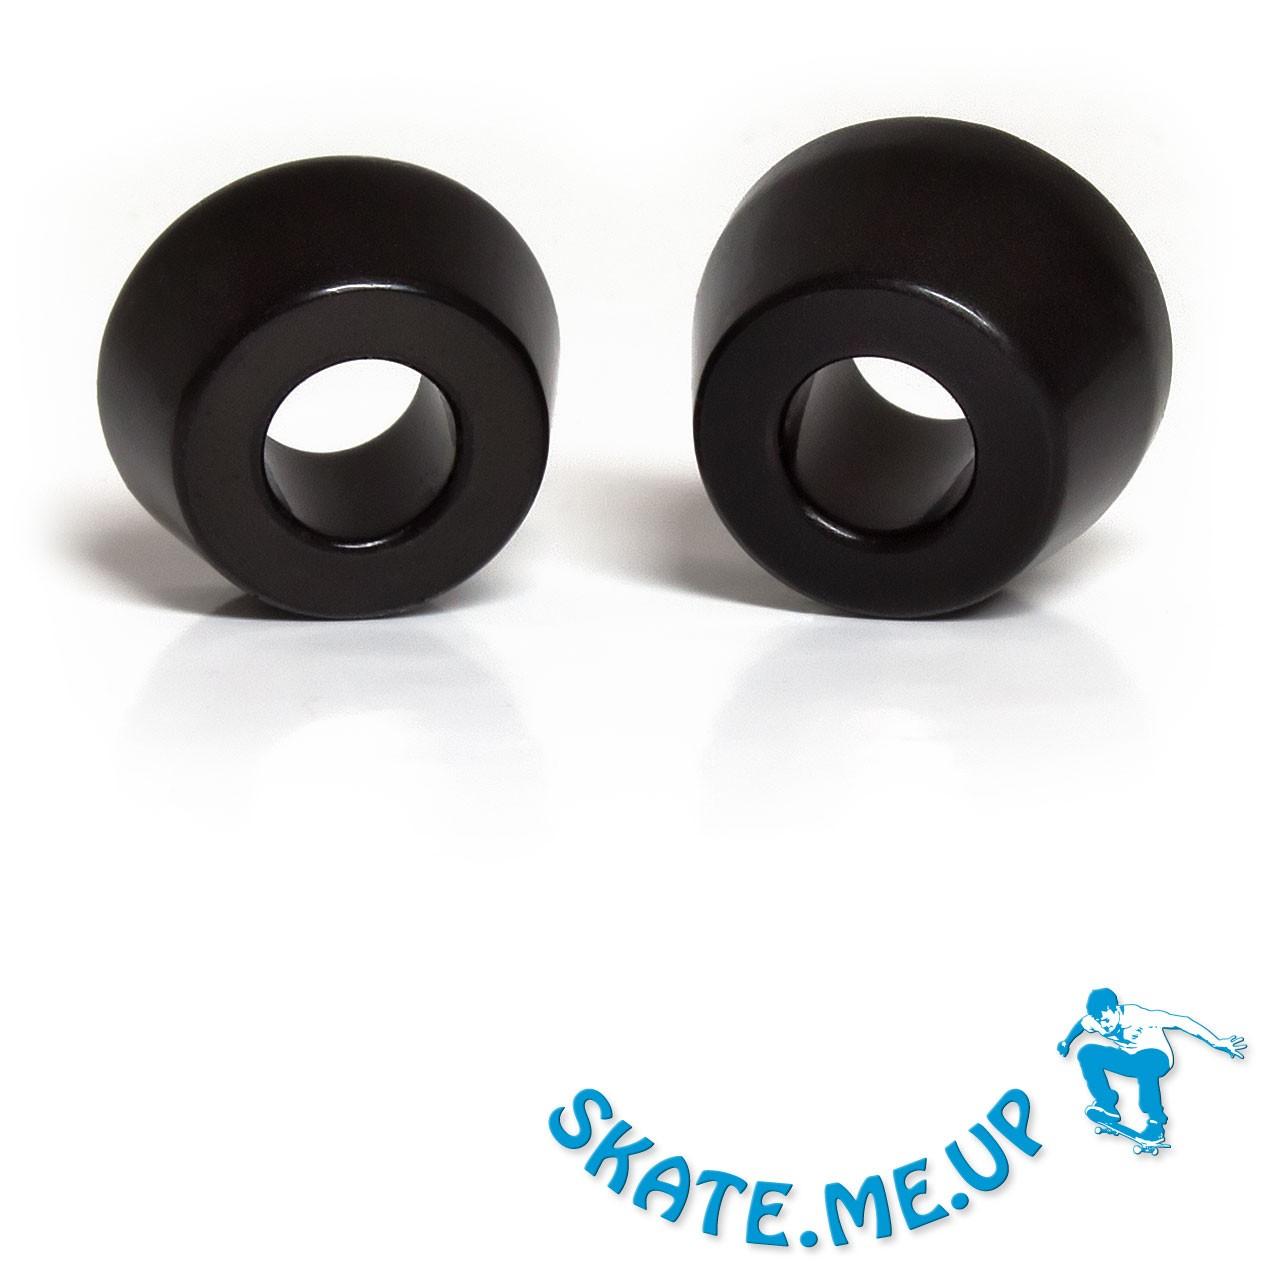 Skateboard / Longboard - Bushings - Lenkgummi Set für eine Achse - 85A schwarz konisch [weicher]